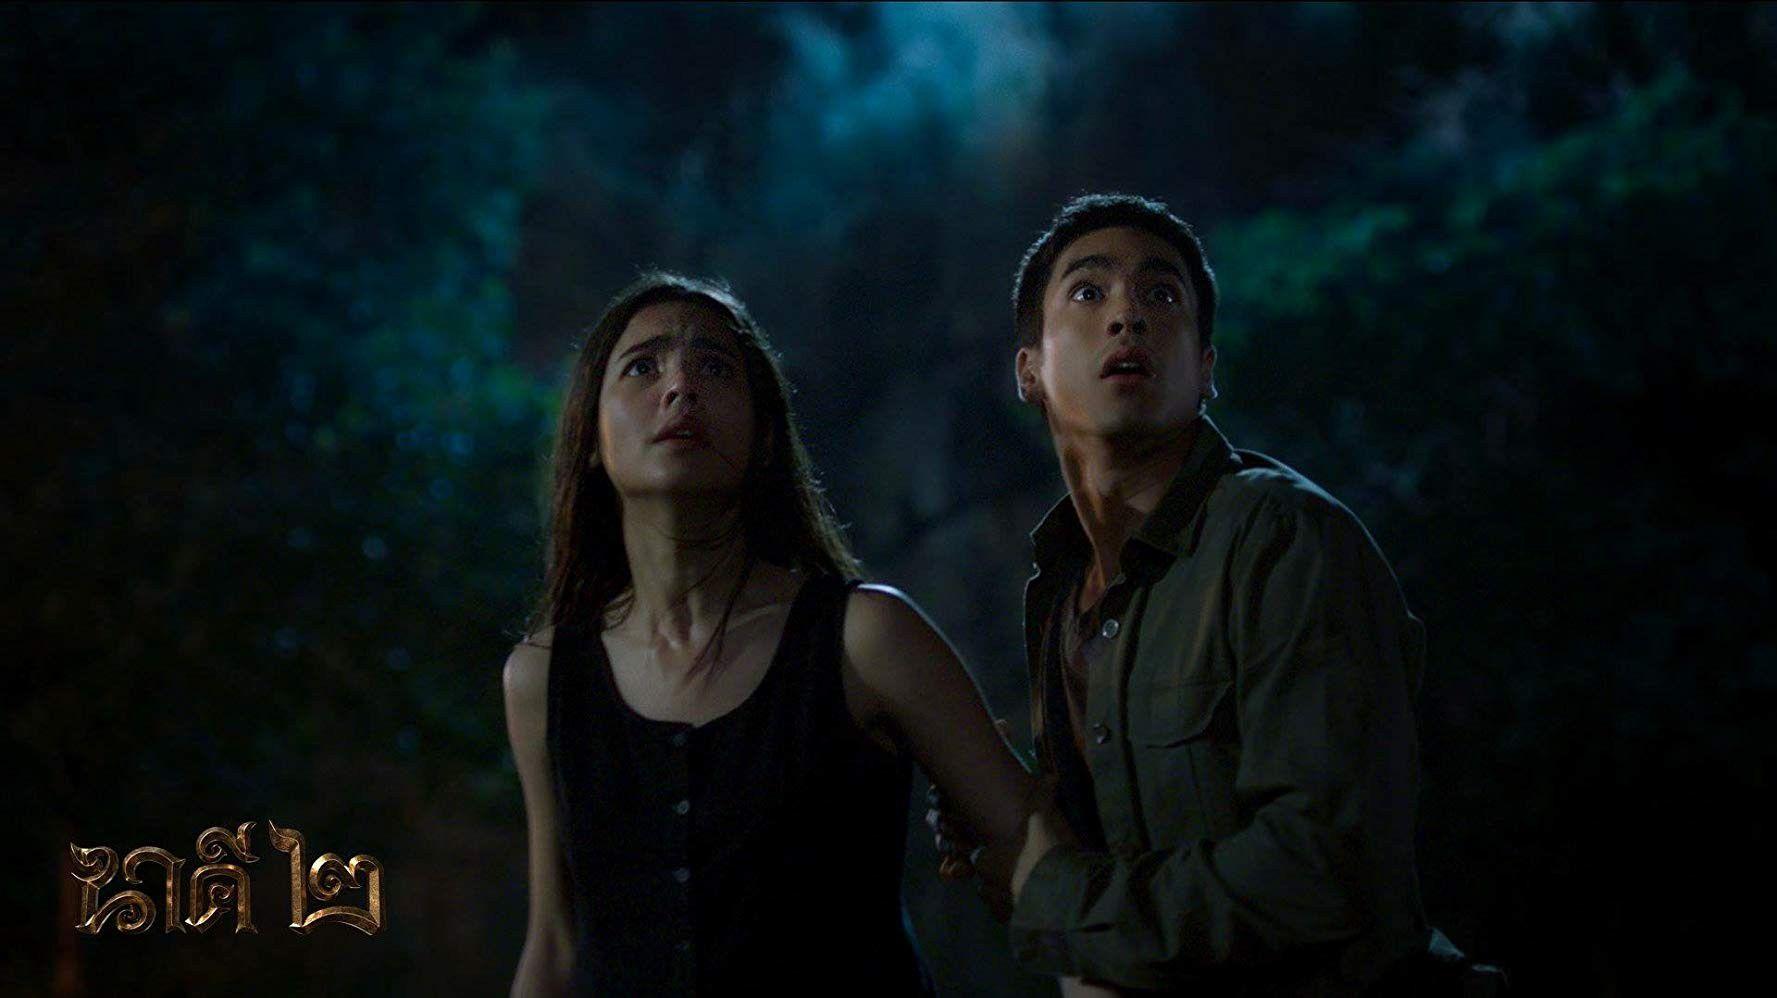 Nữ Thần Rắn 2 gây thổn thức với mối tình từ trong phim đến ngoài đời thực (2)